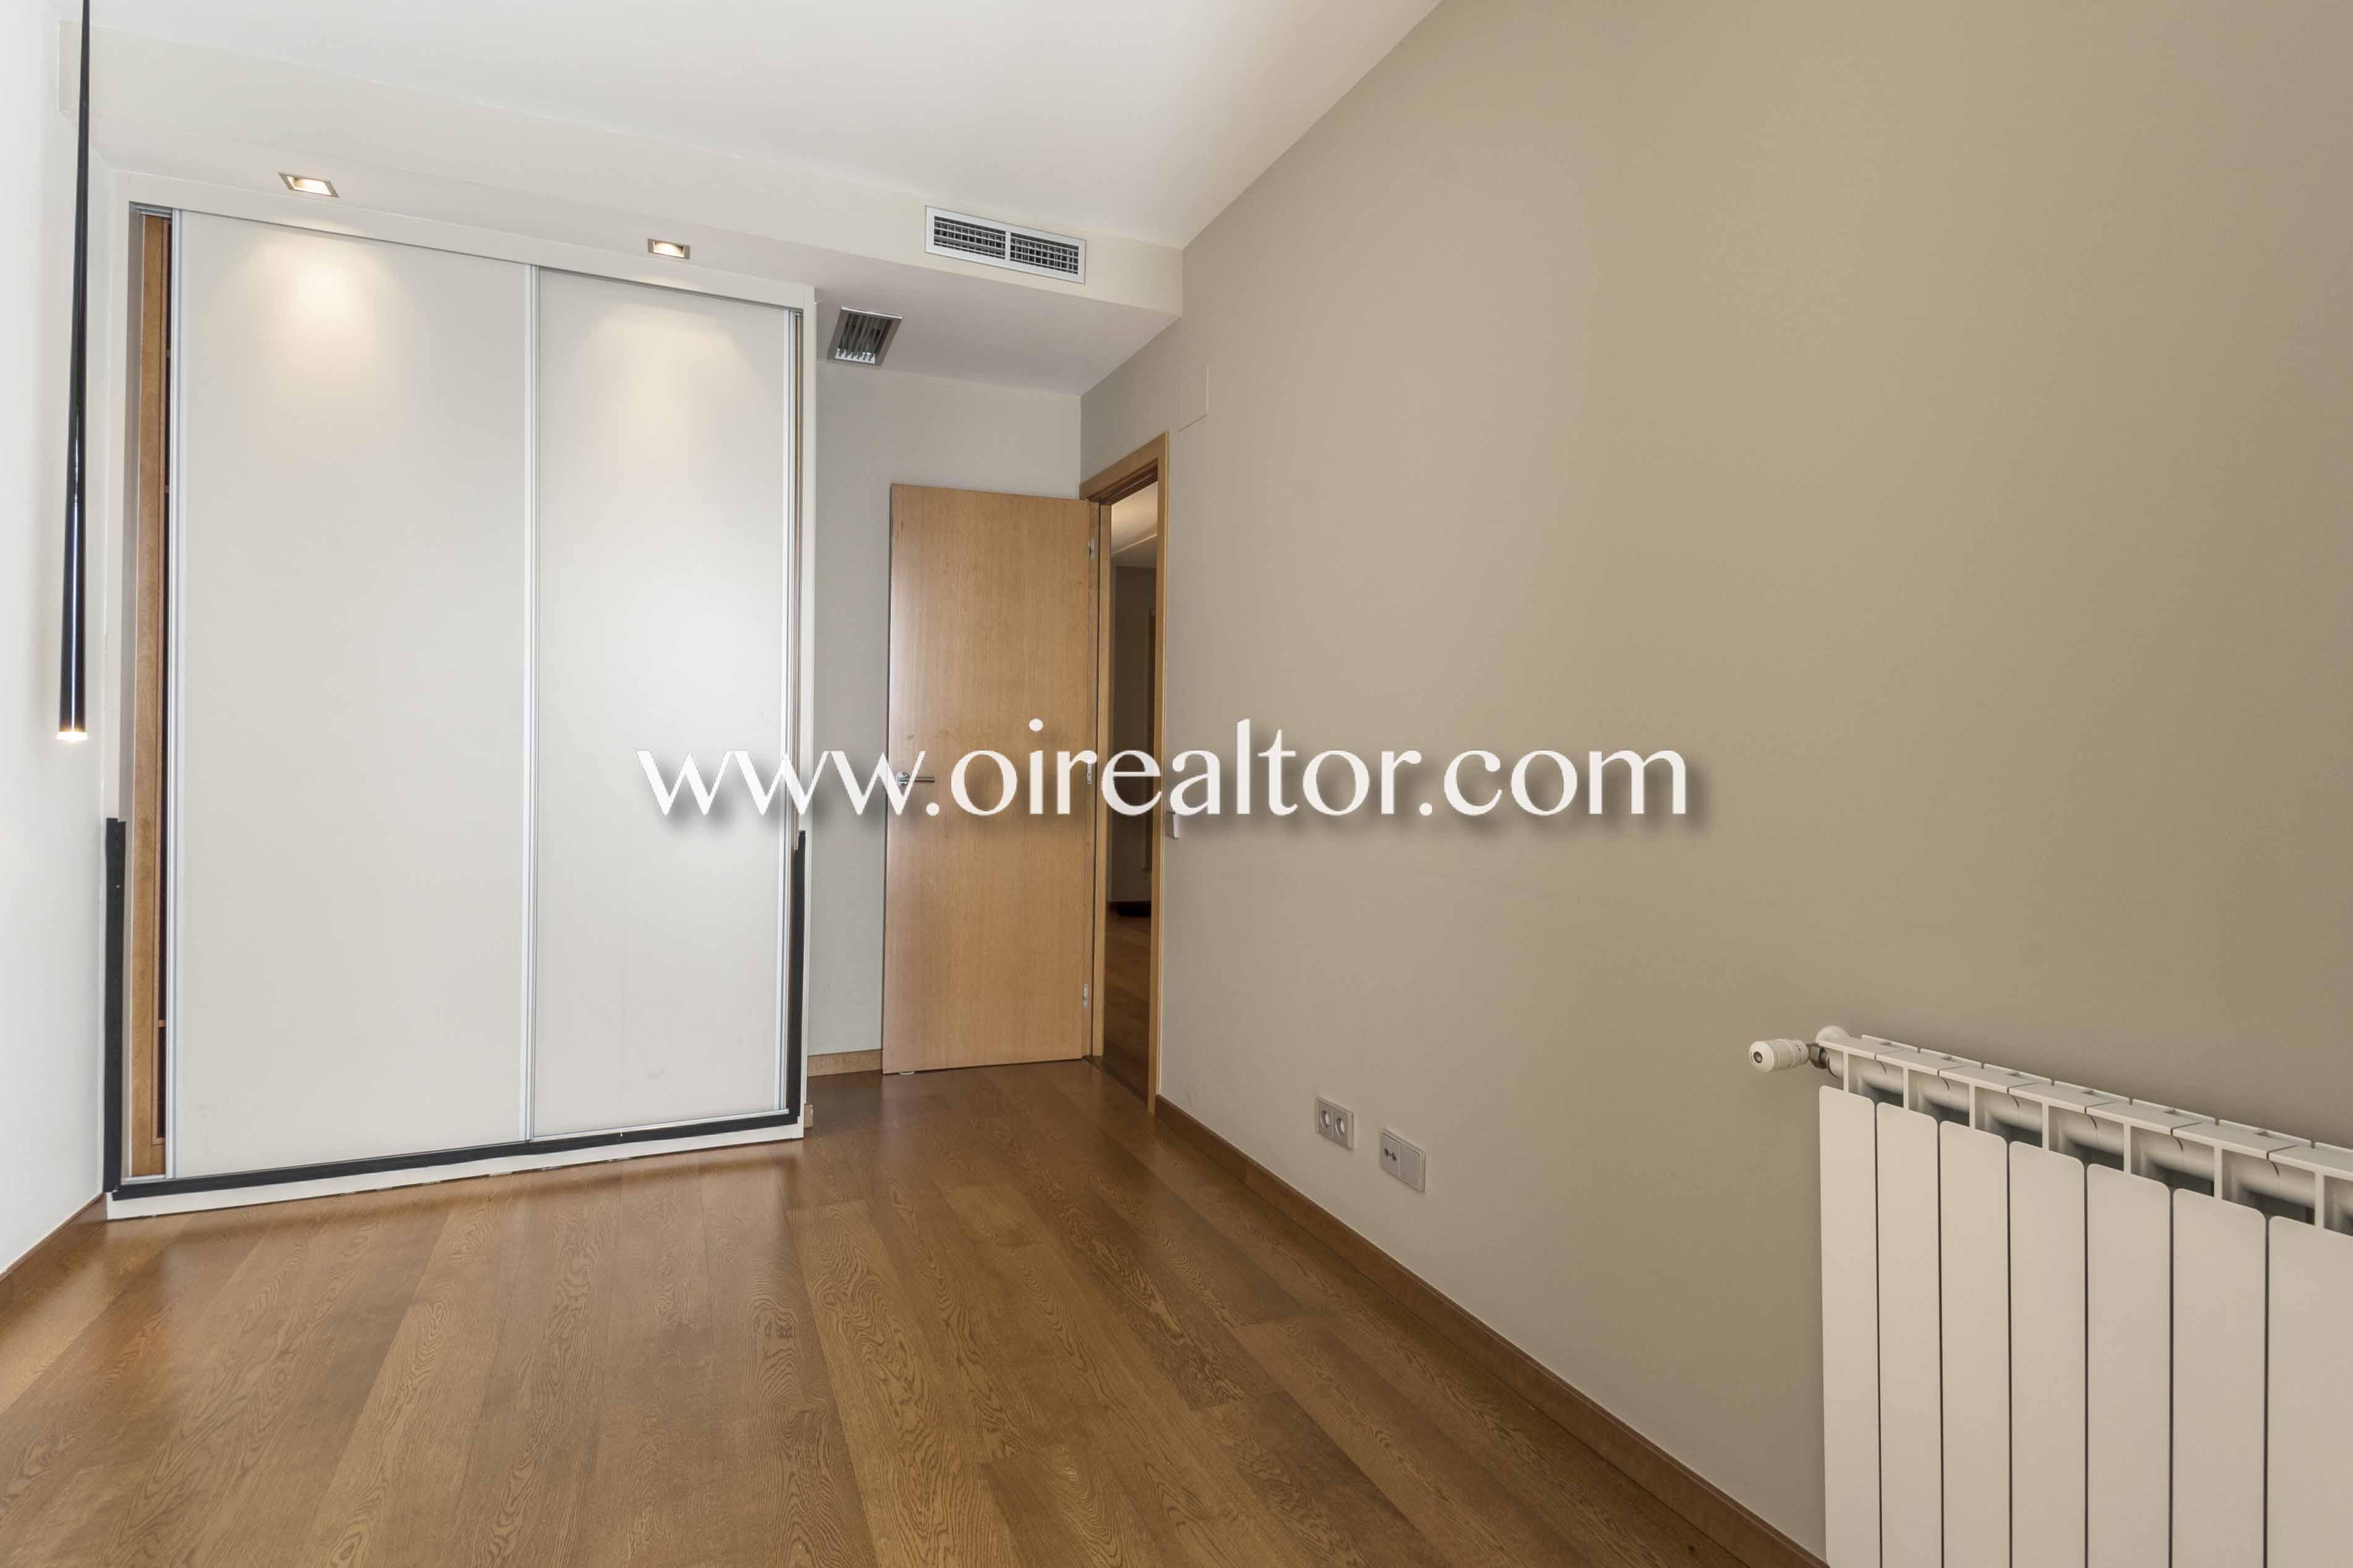 dormitorio, dormitorio doble, sin muebles, piso sin muebles, suelo de parquet, parquet